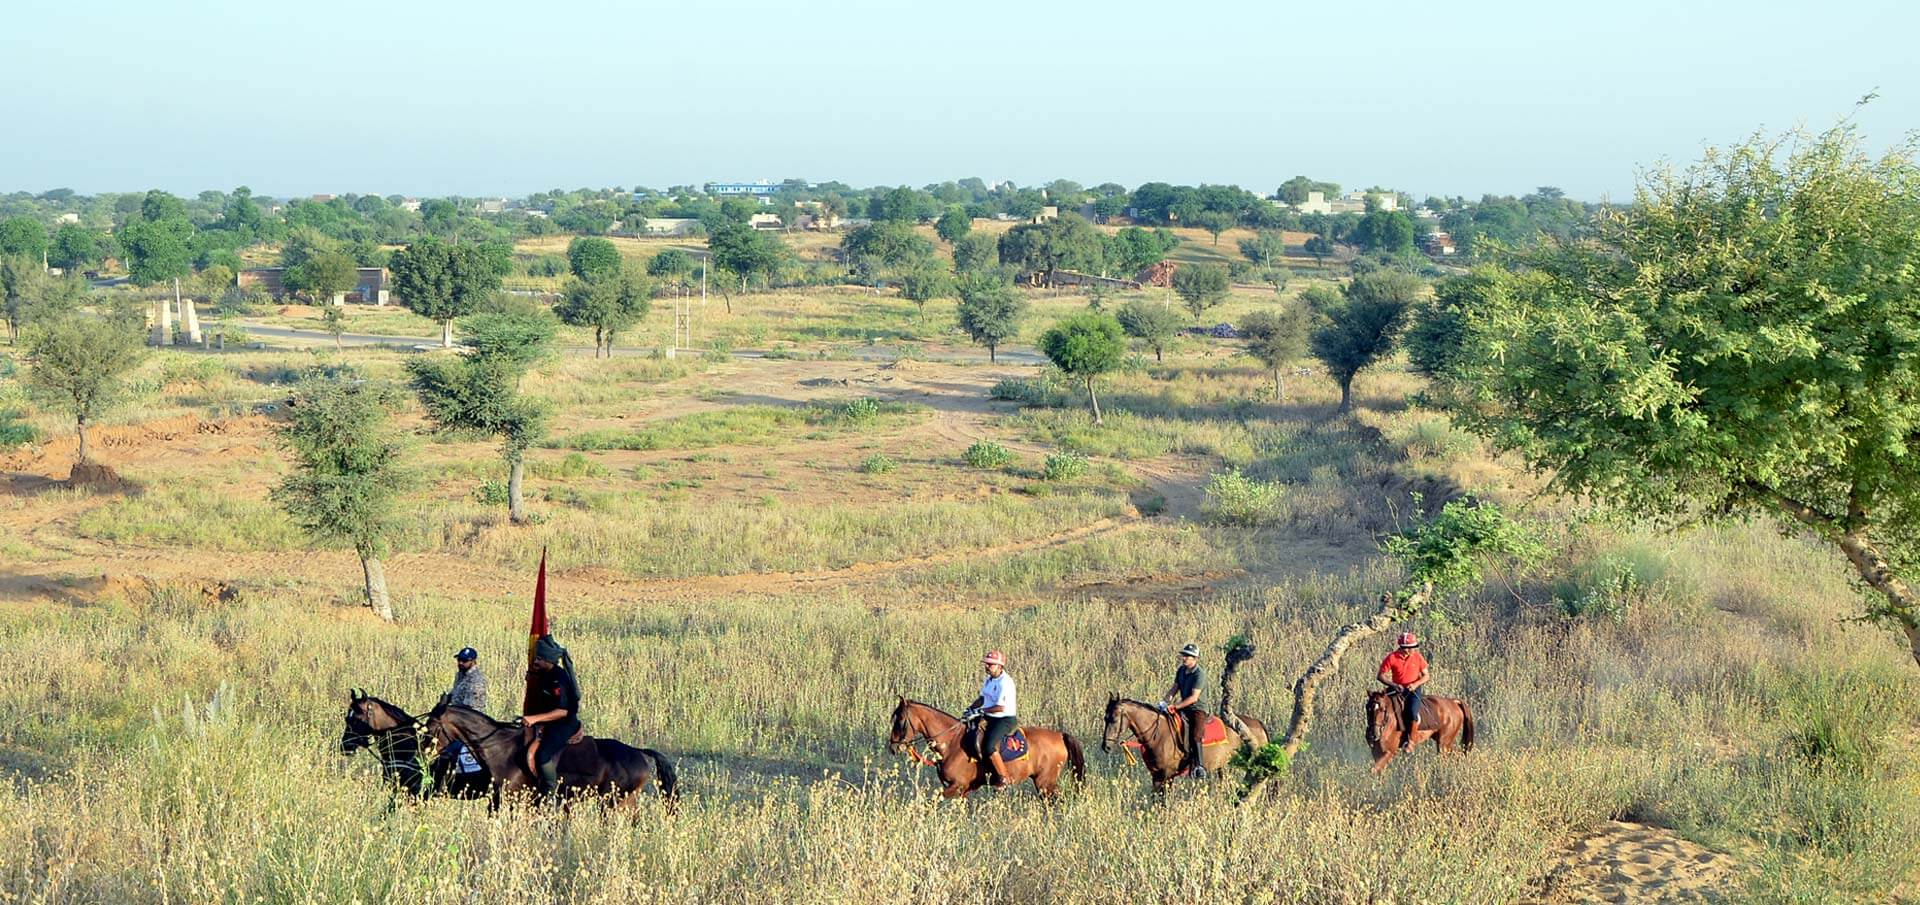 Riding Safari